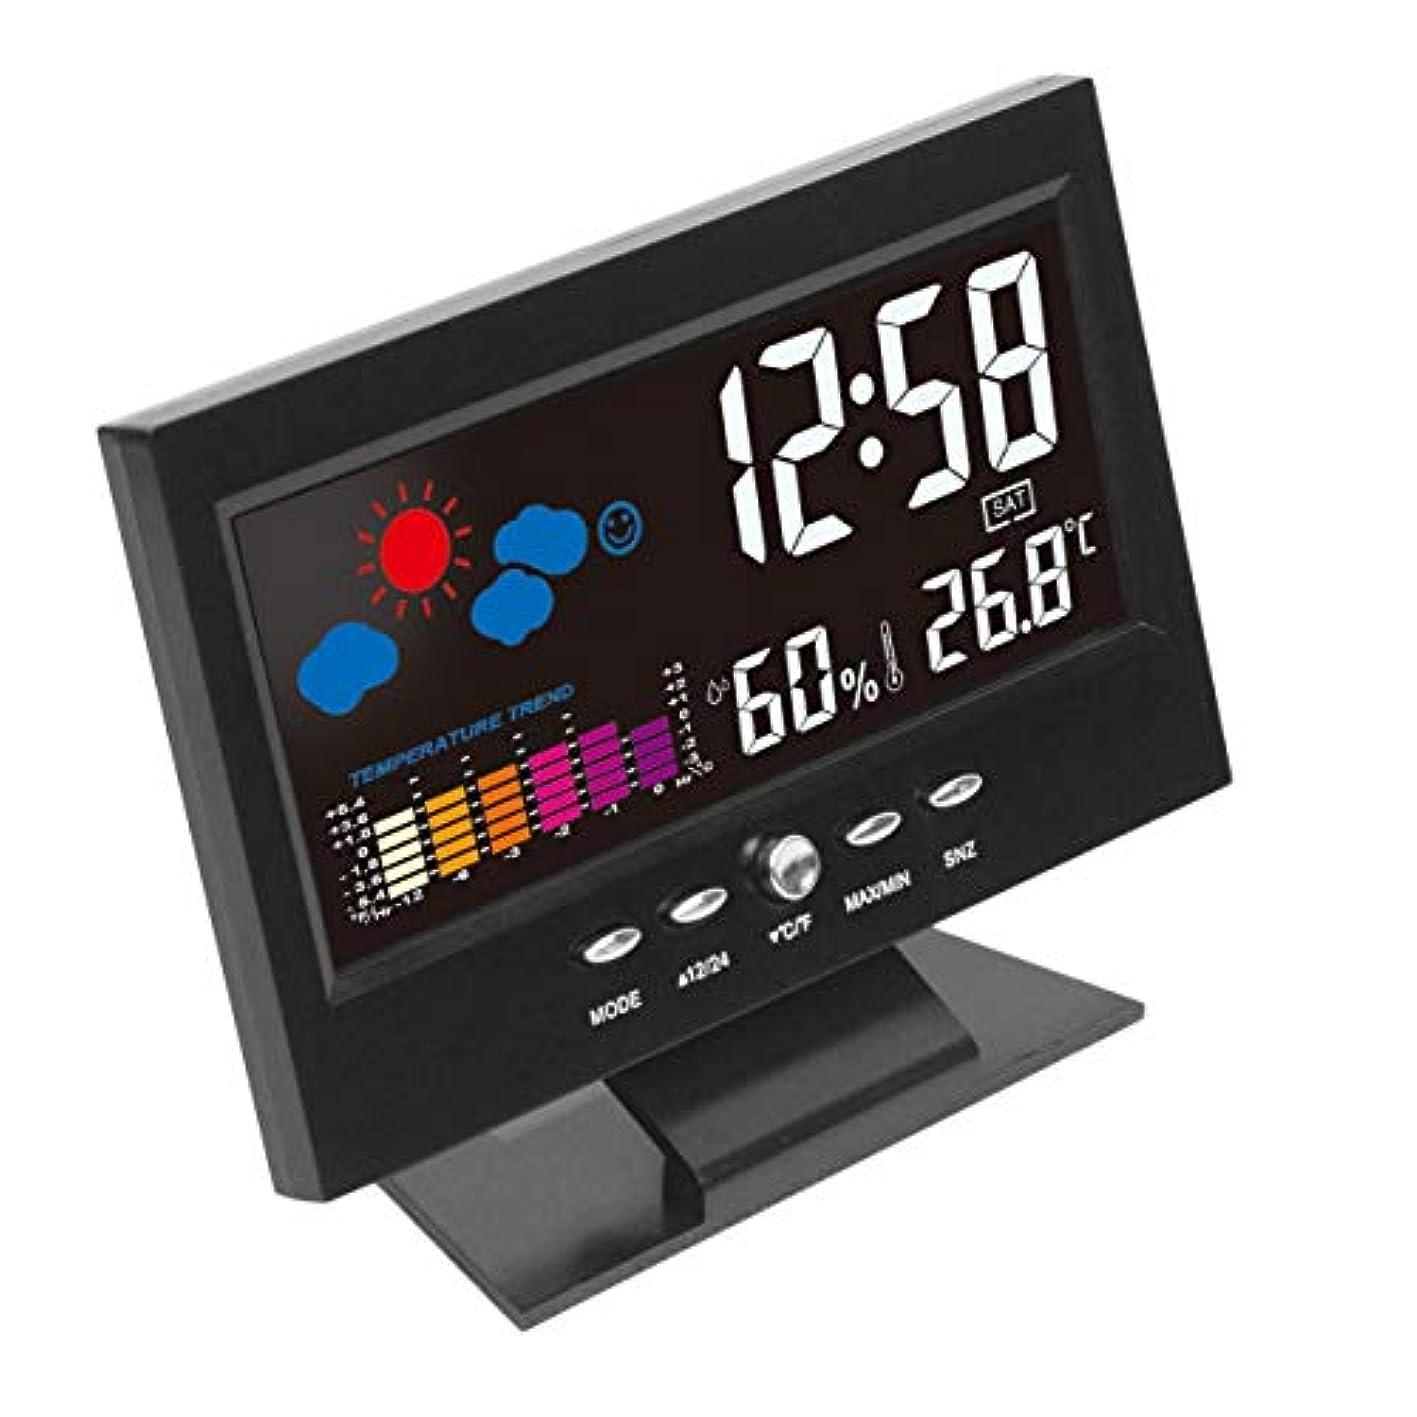 リーダーシップ明示的に対象Saikogoods 電子デジタルLCD 温度湿度モニター時計 温度計湿度計 屋内ホーム 天気予報時??計 ブラック